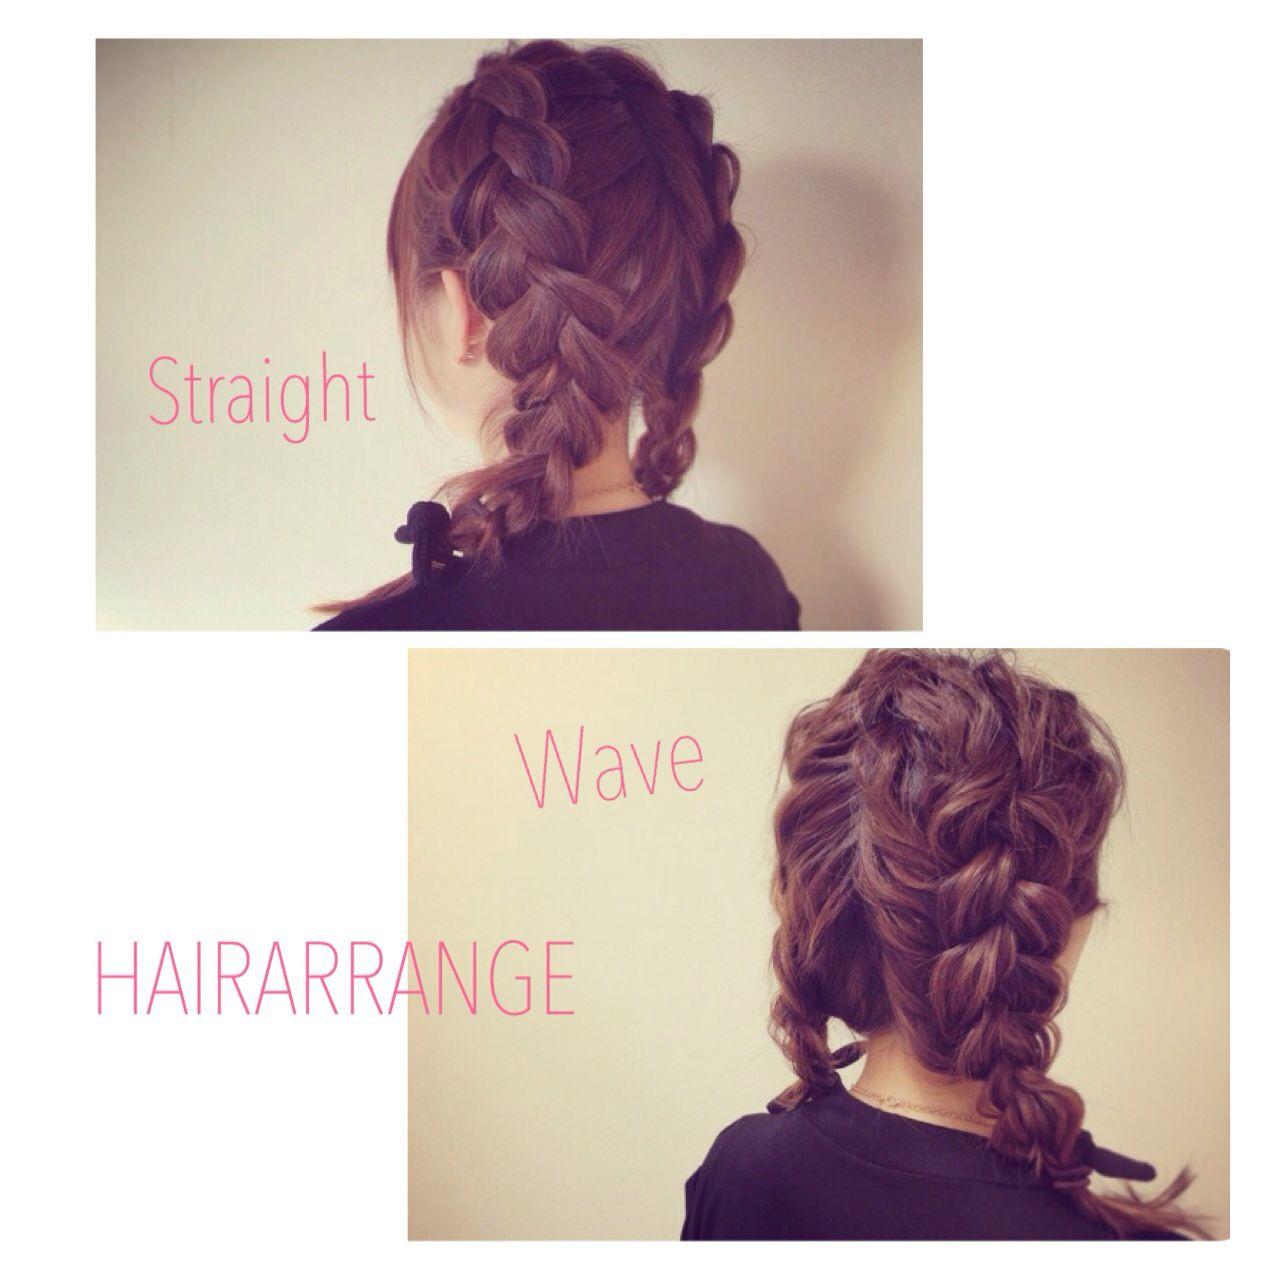 ナチュラル ショート 簡単ヘアアレンジ ヘアアレンジ ヘアスタイルや髪型の写真・画像